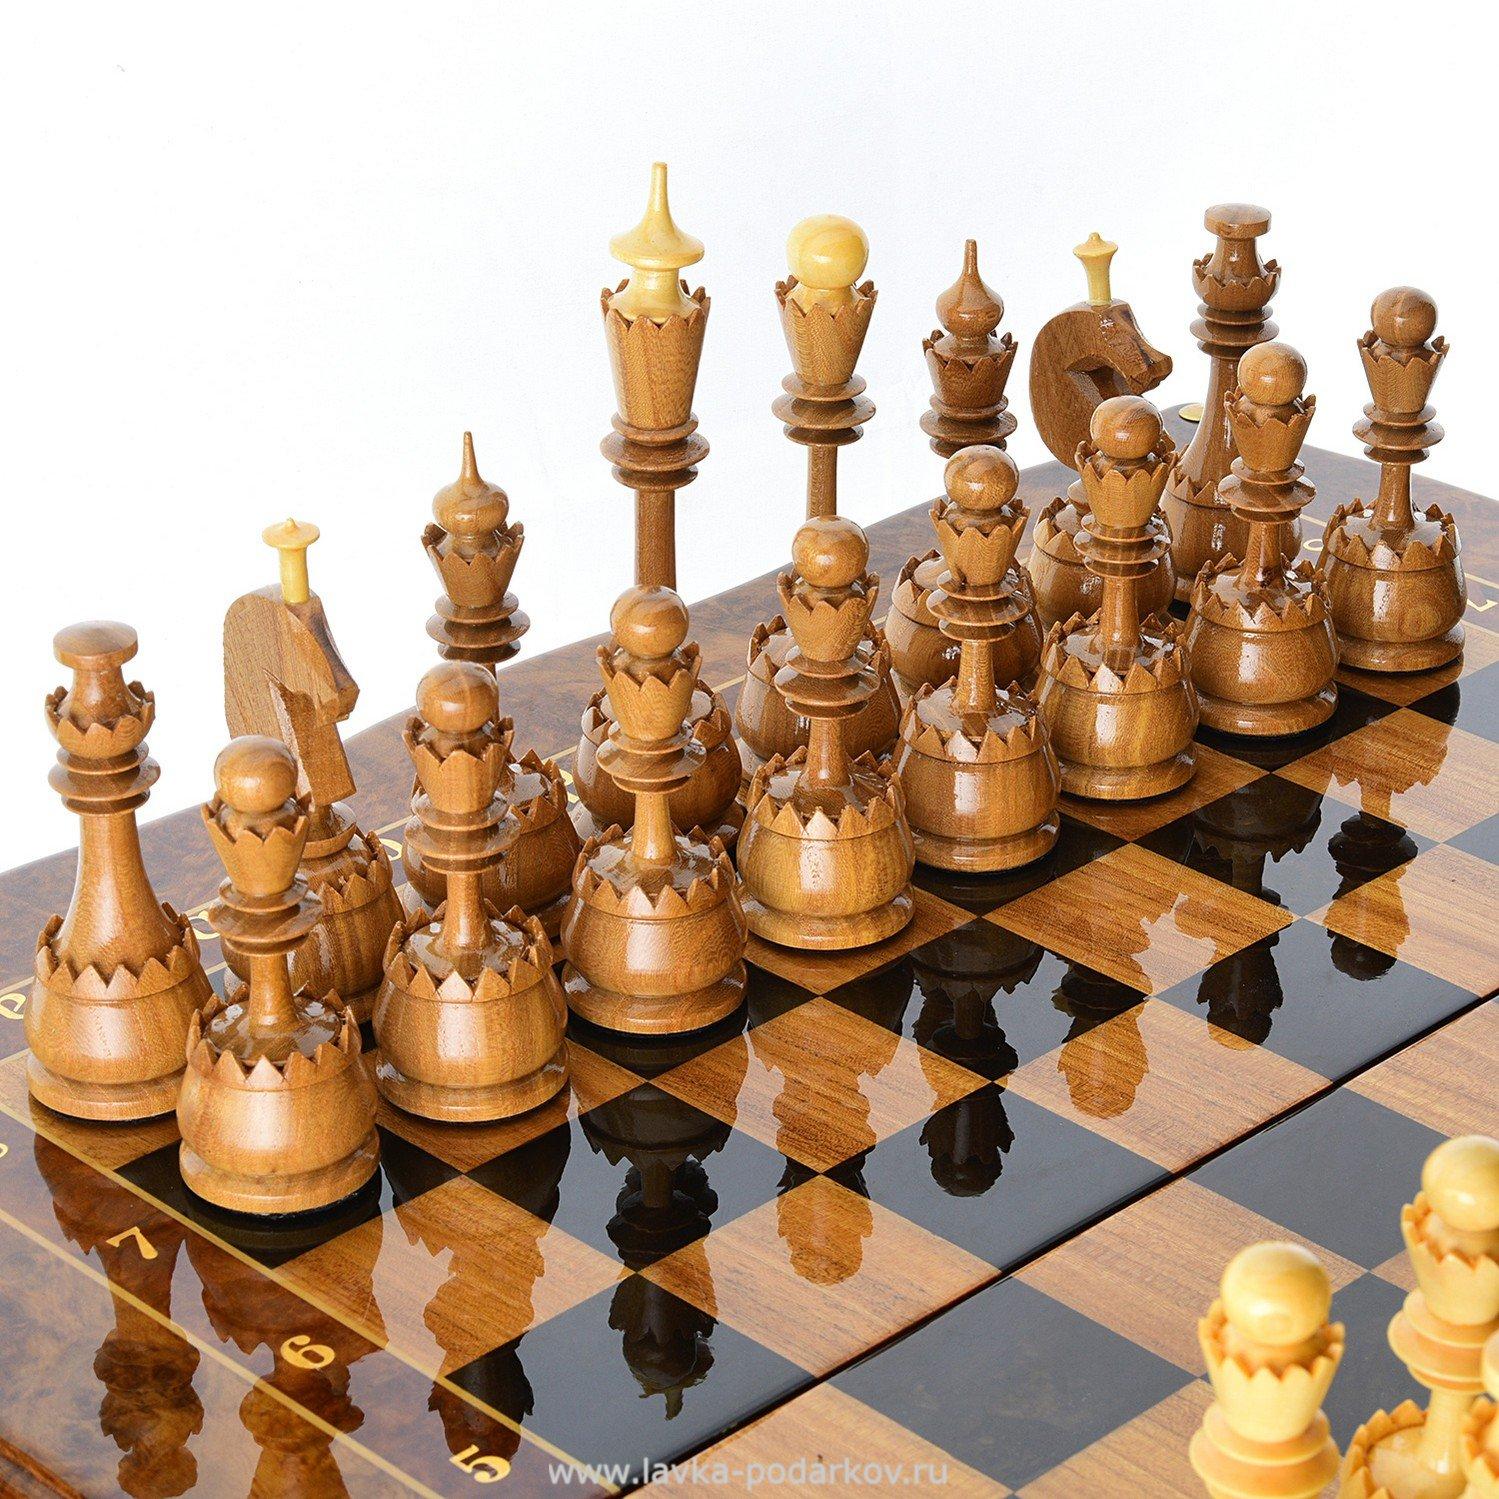 Сделать шахматы из дерева своими руками 13